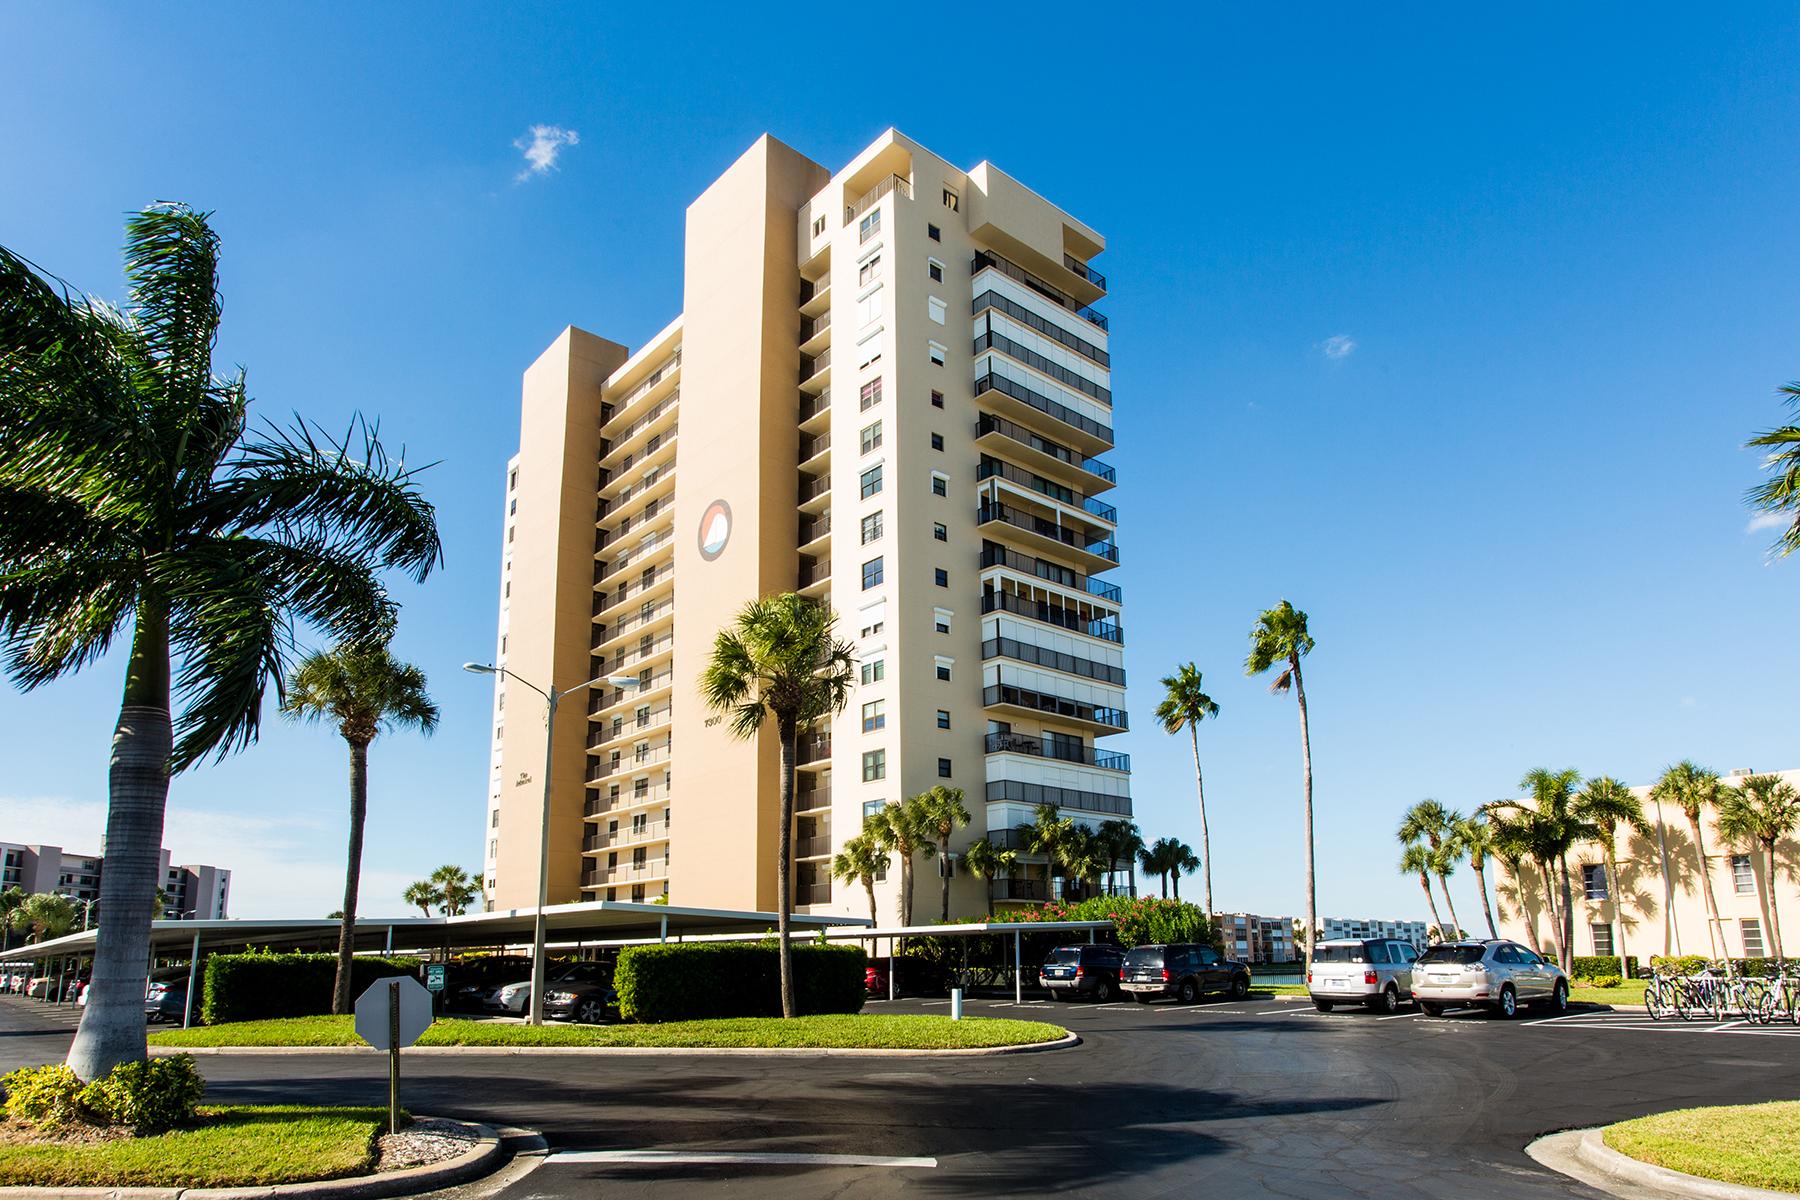 コンドミニアム のために 売買 アット SOUTH PASADENA 7300 Sun Island Dr S 1802 South Pasadena, フロリダ, 33707 アメリカ合衆国